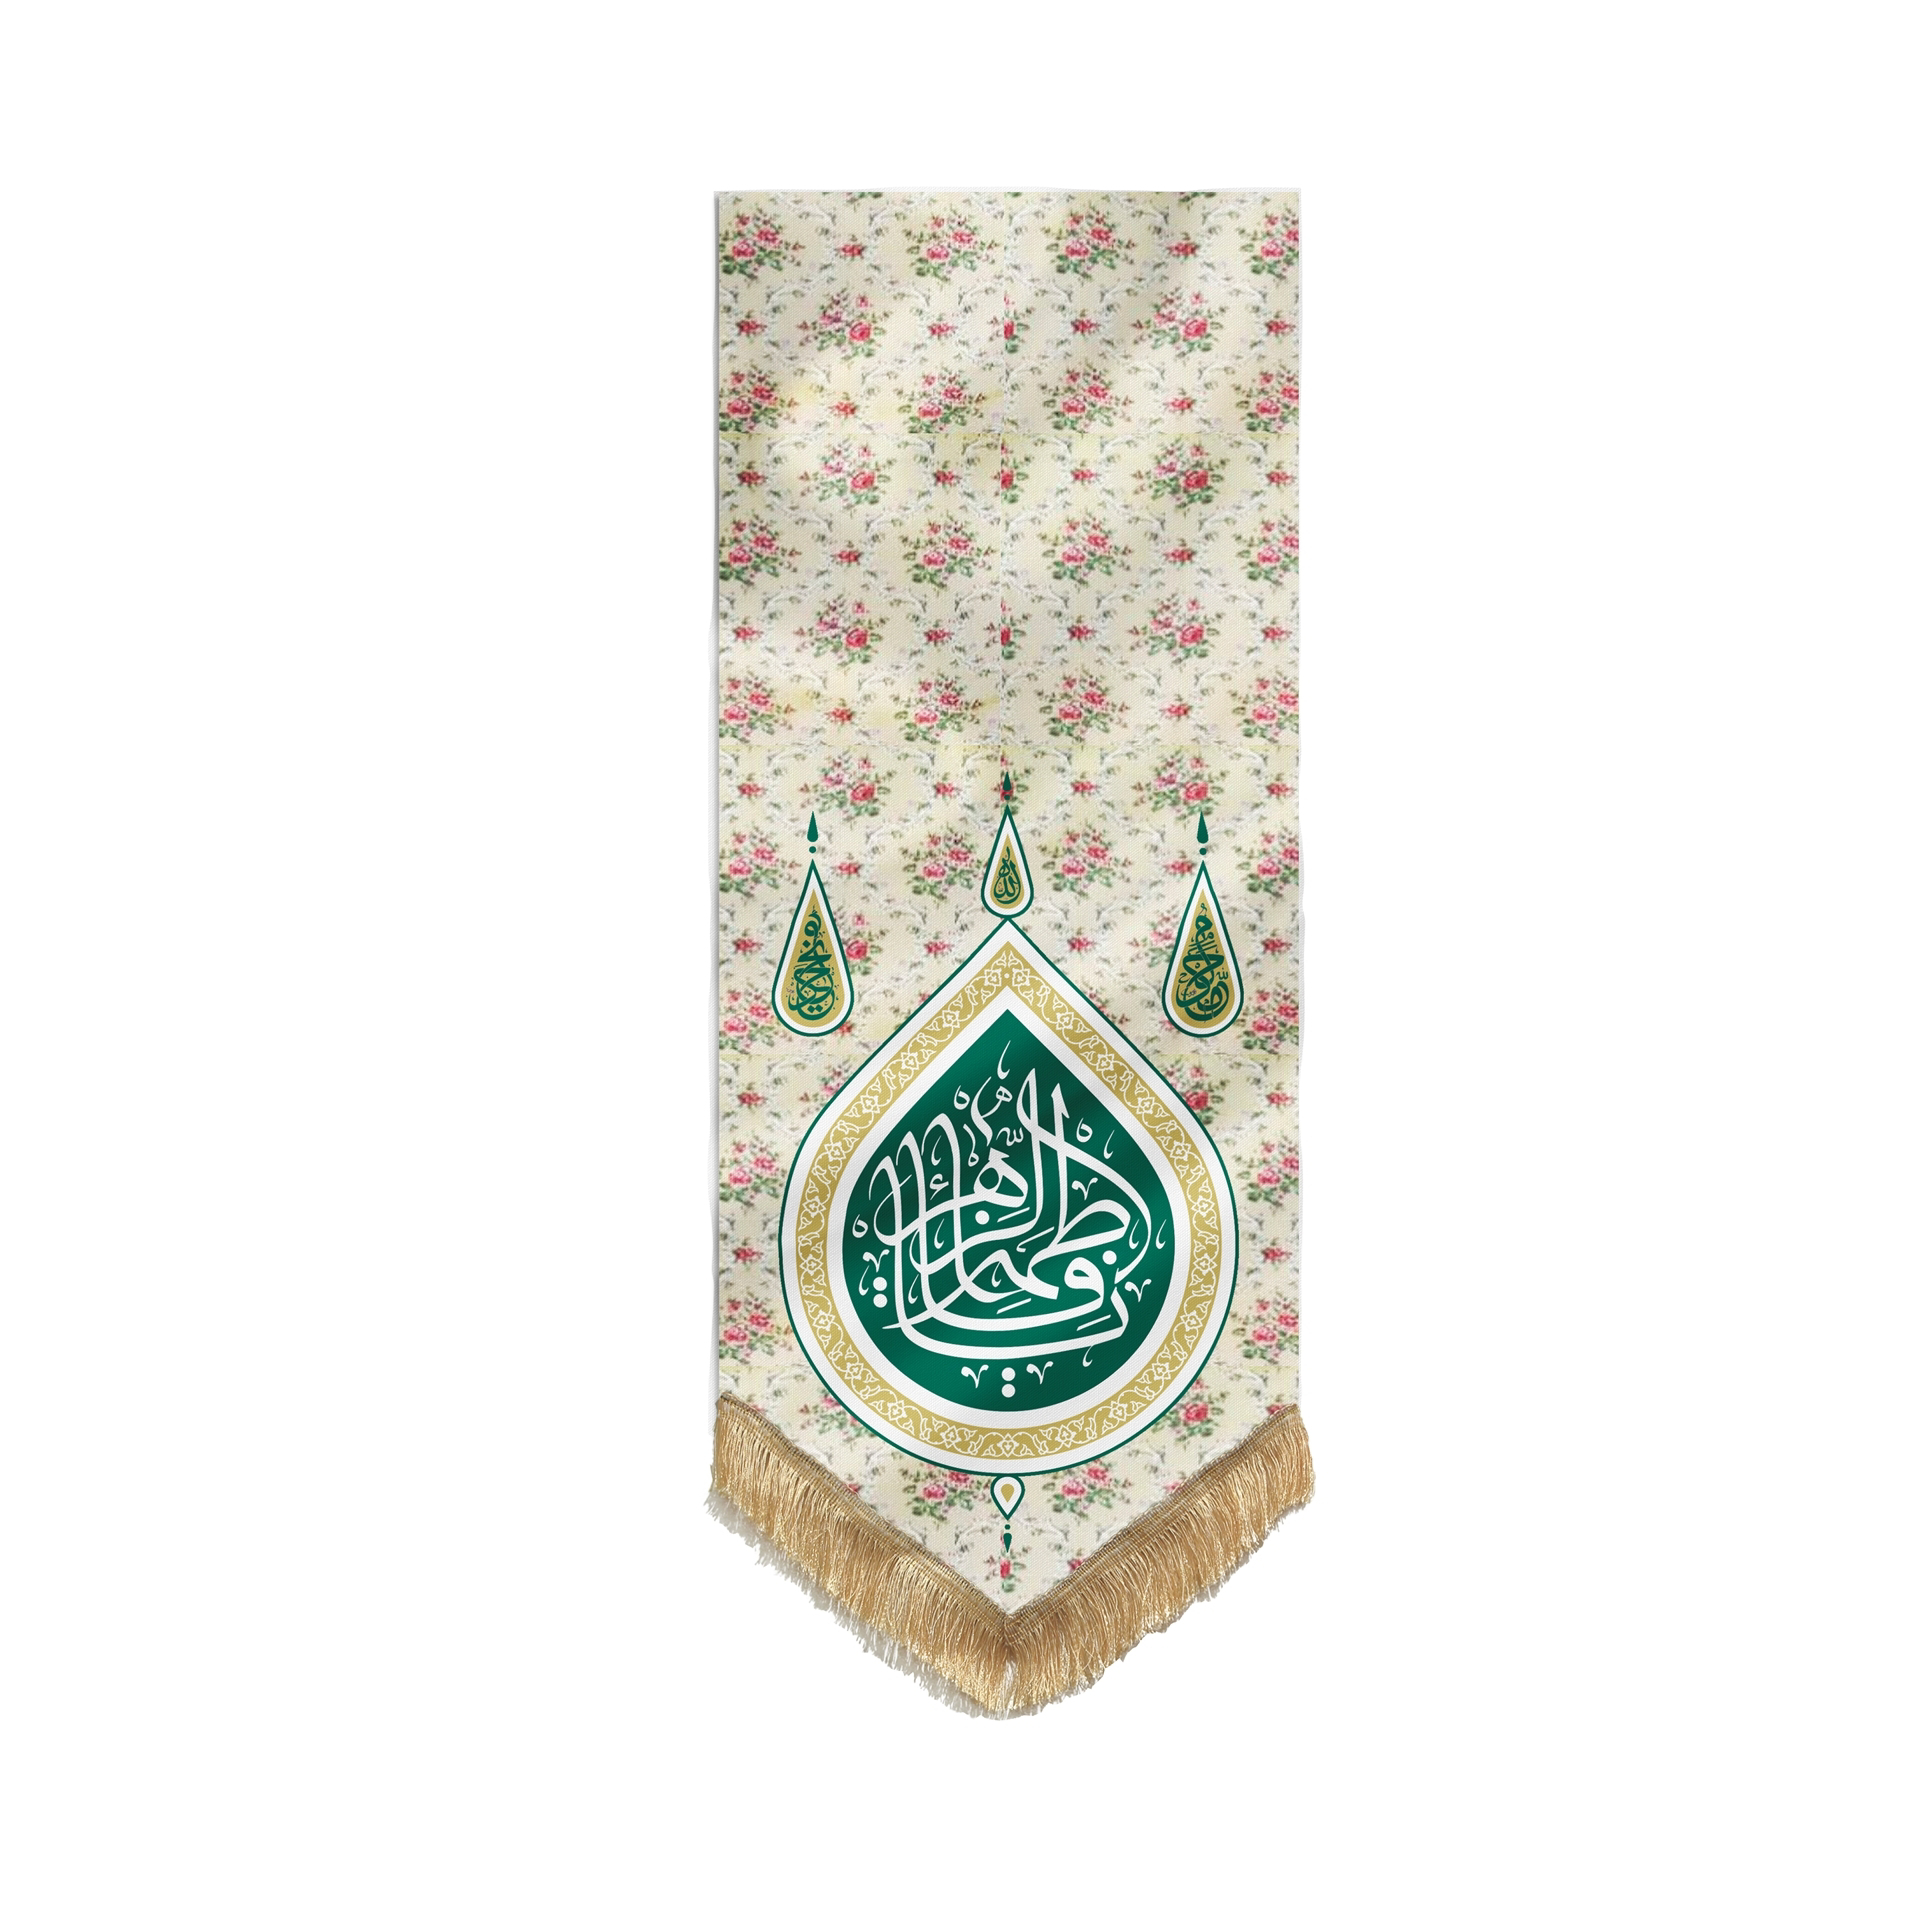 تصویر از بیرق گل گلی طرح «یا فاطمة الزهرا» پارچه پنبهای، یکونیم متری